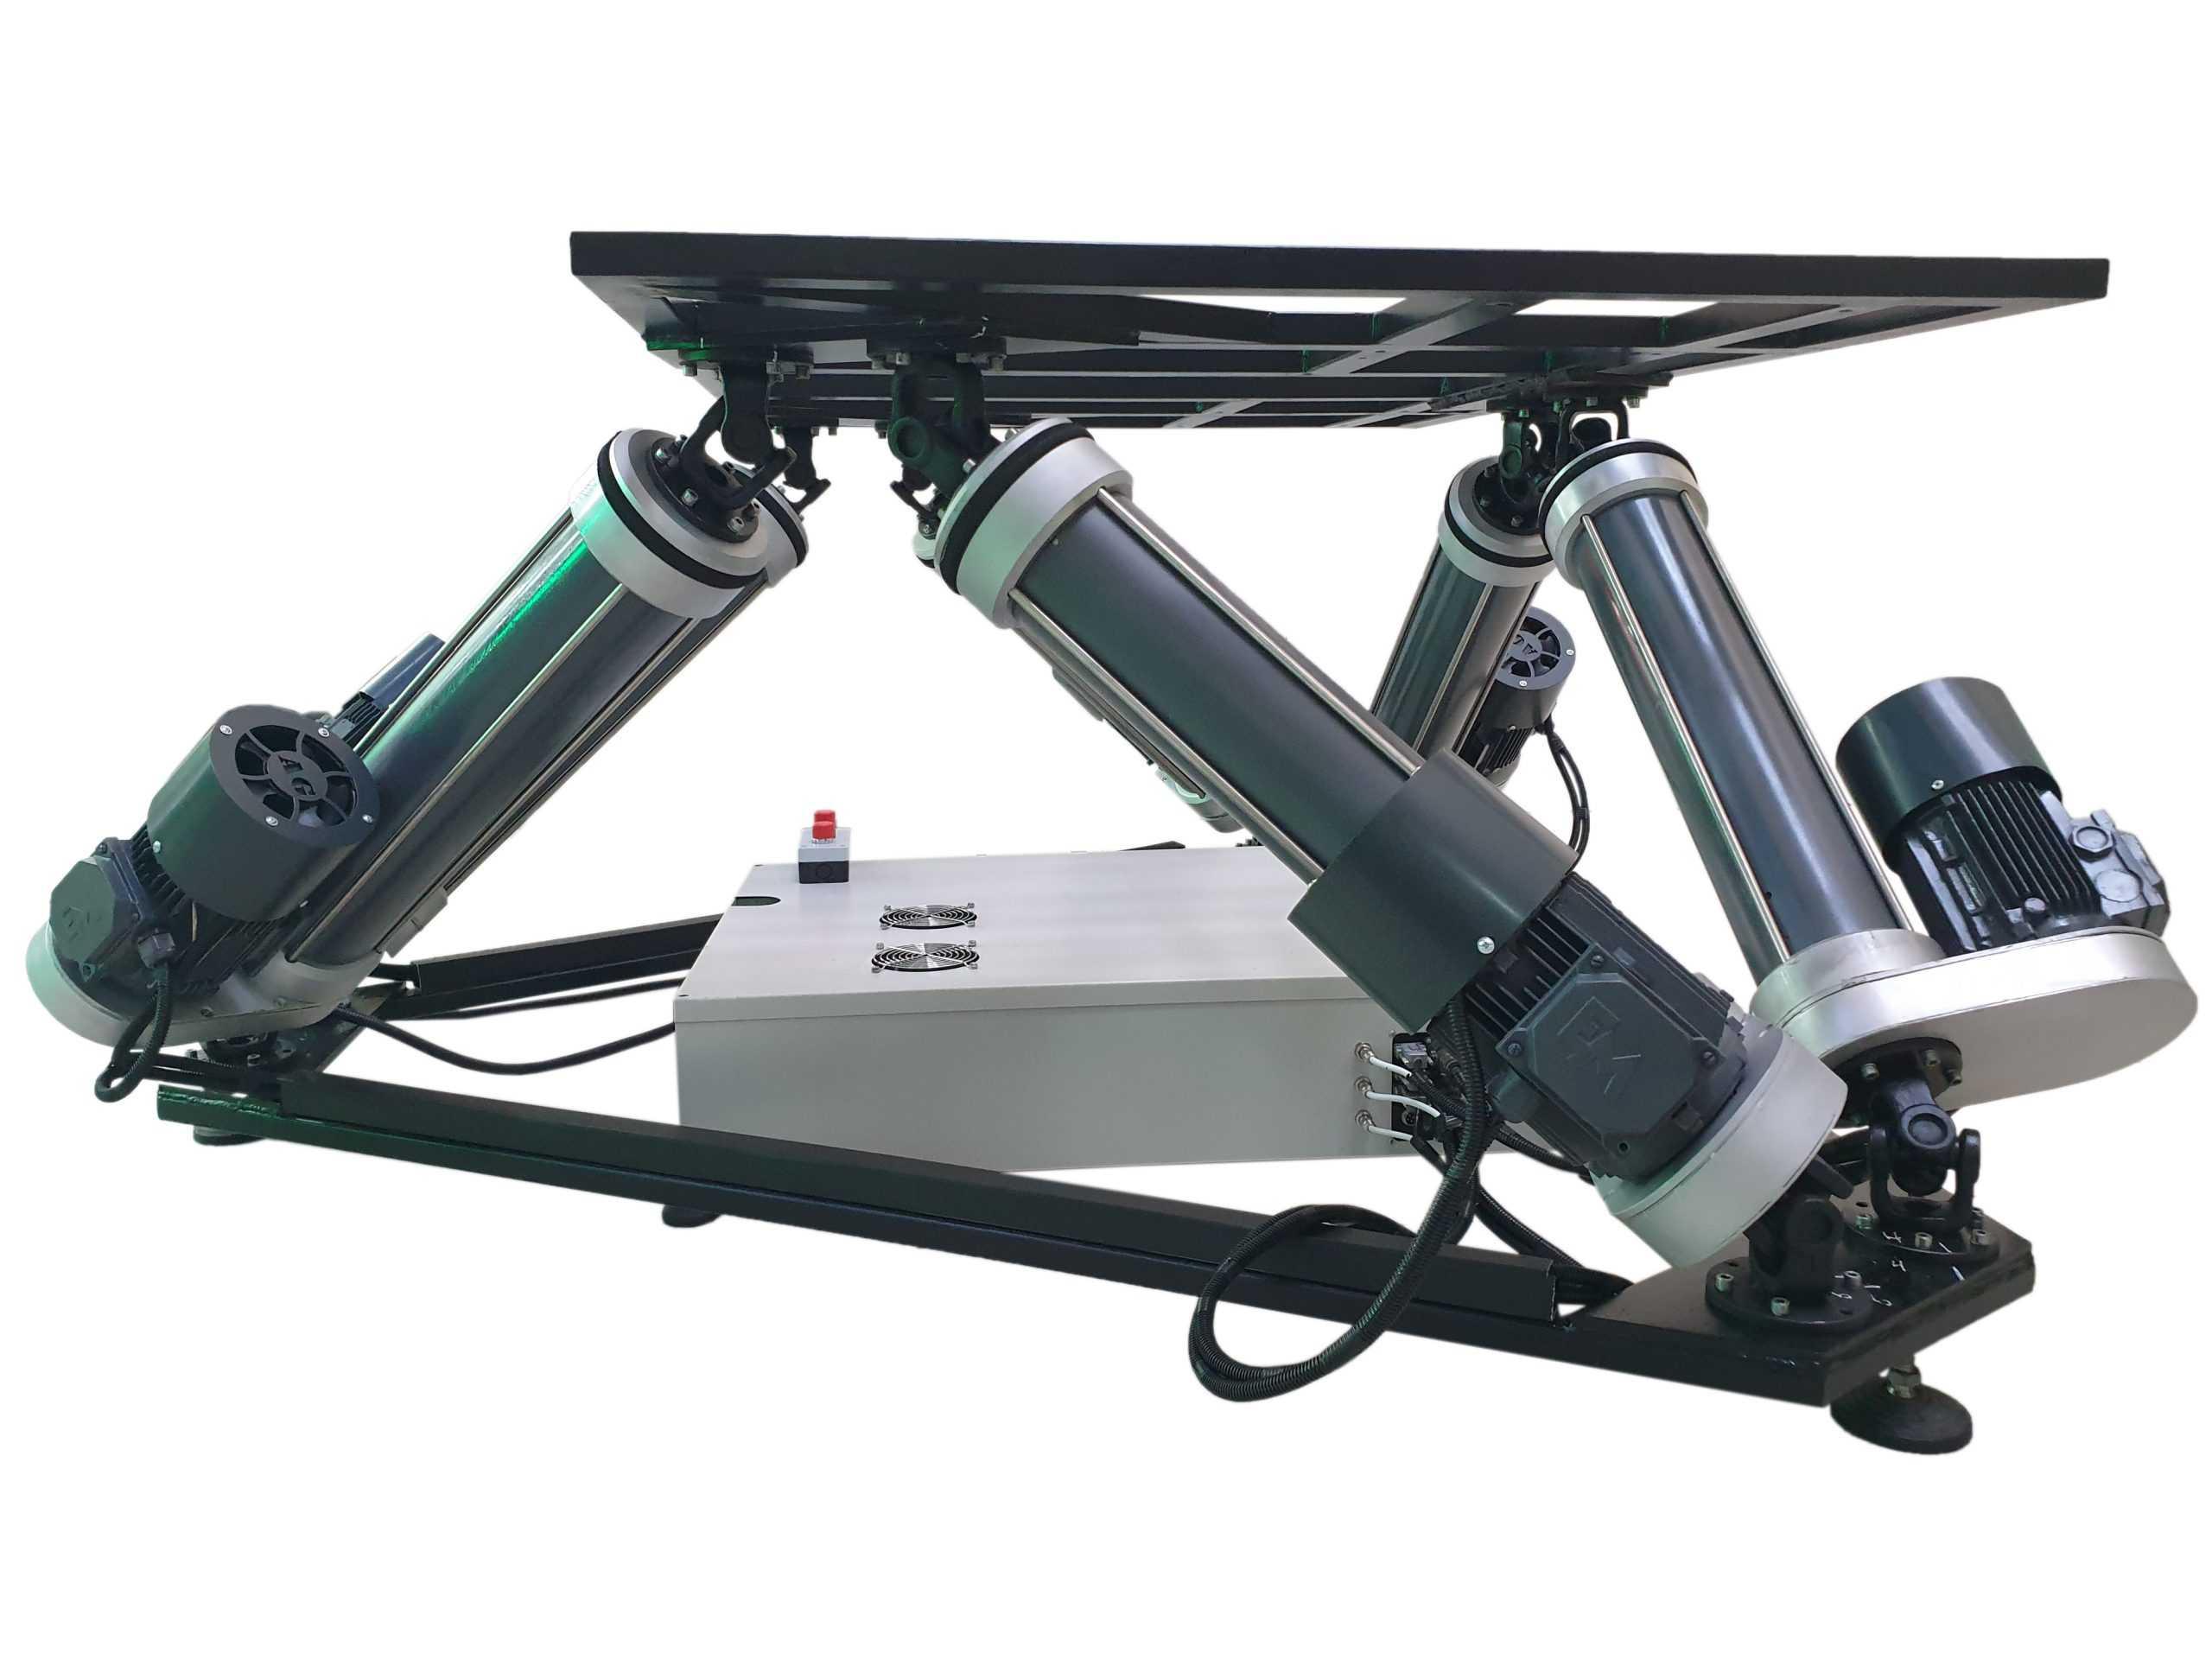 6Dof_3 Full motion simulator 2dof, 3dof,4dof,6dof motion platform